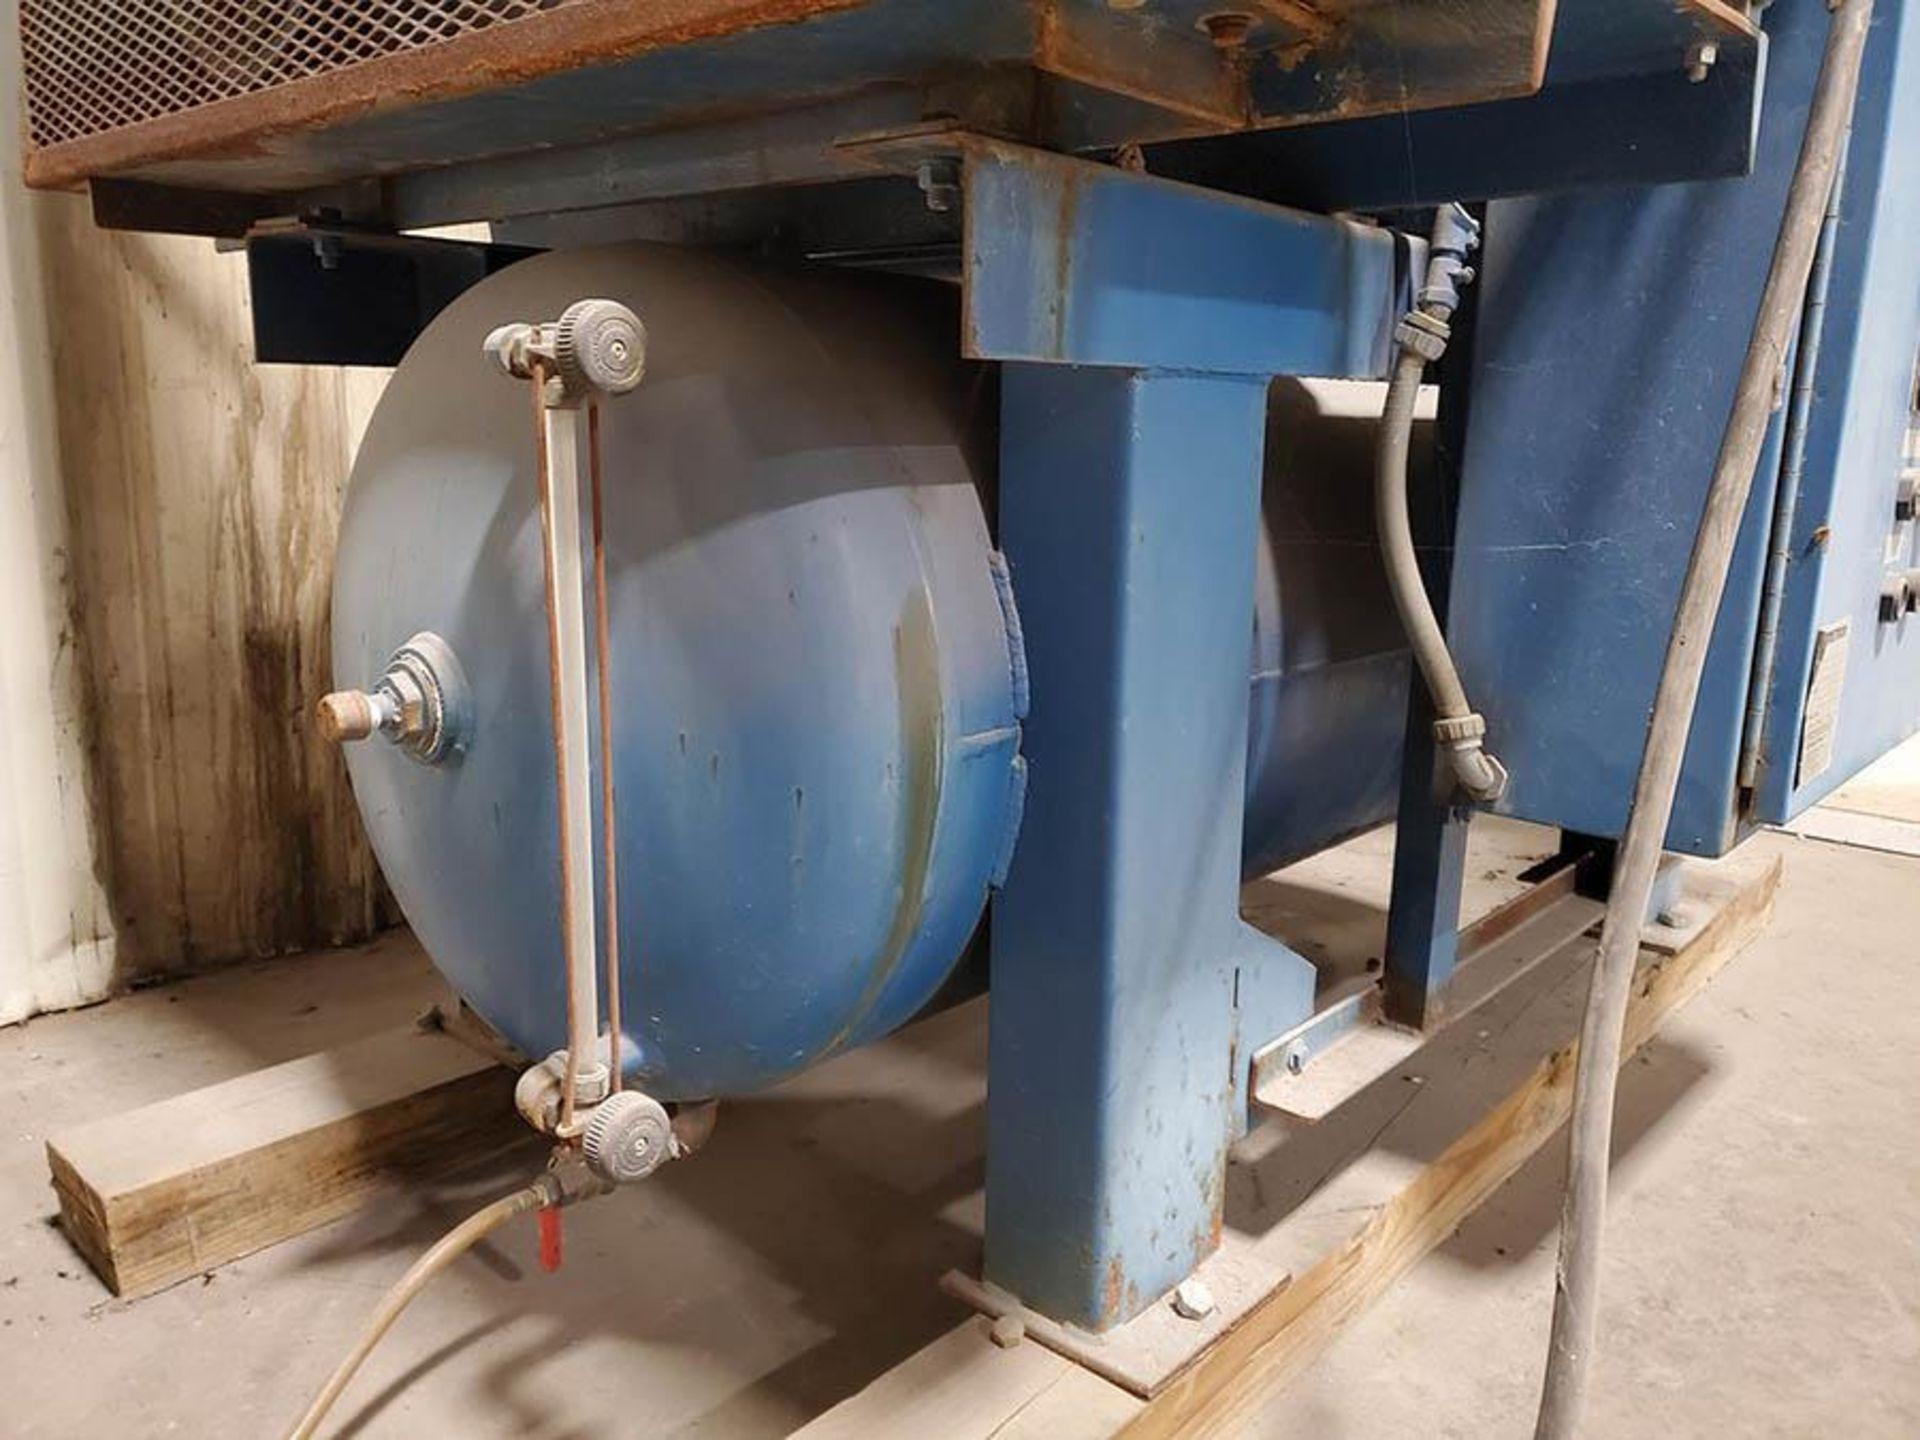 CHEMETRON MEDICAL AIR COMPRESSOR, MODEL 2KT40-10, 10 HP, 6 CYLINDER - Image 7 of 8